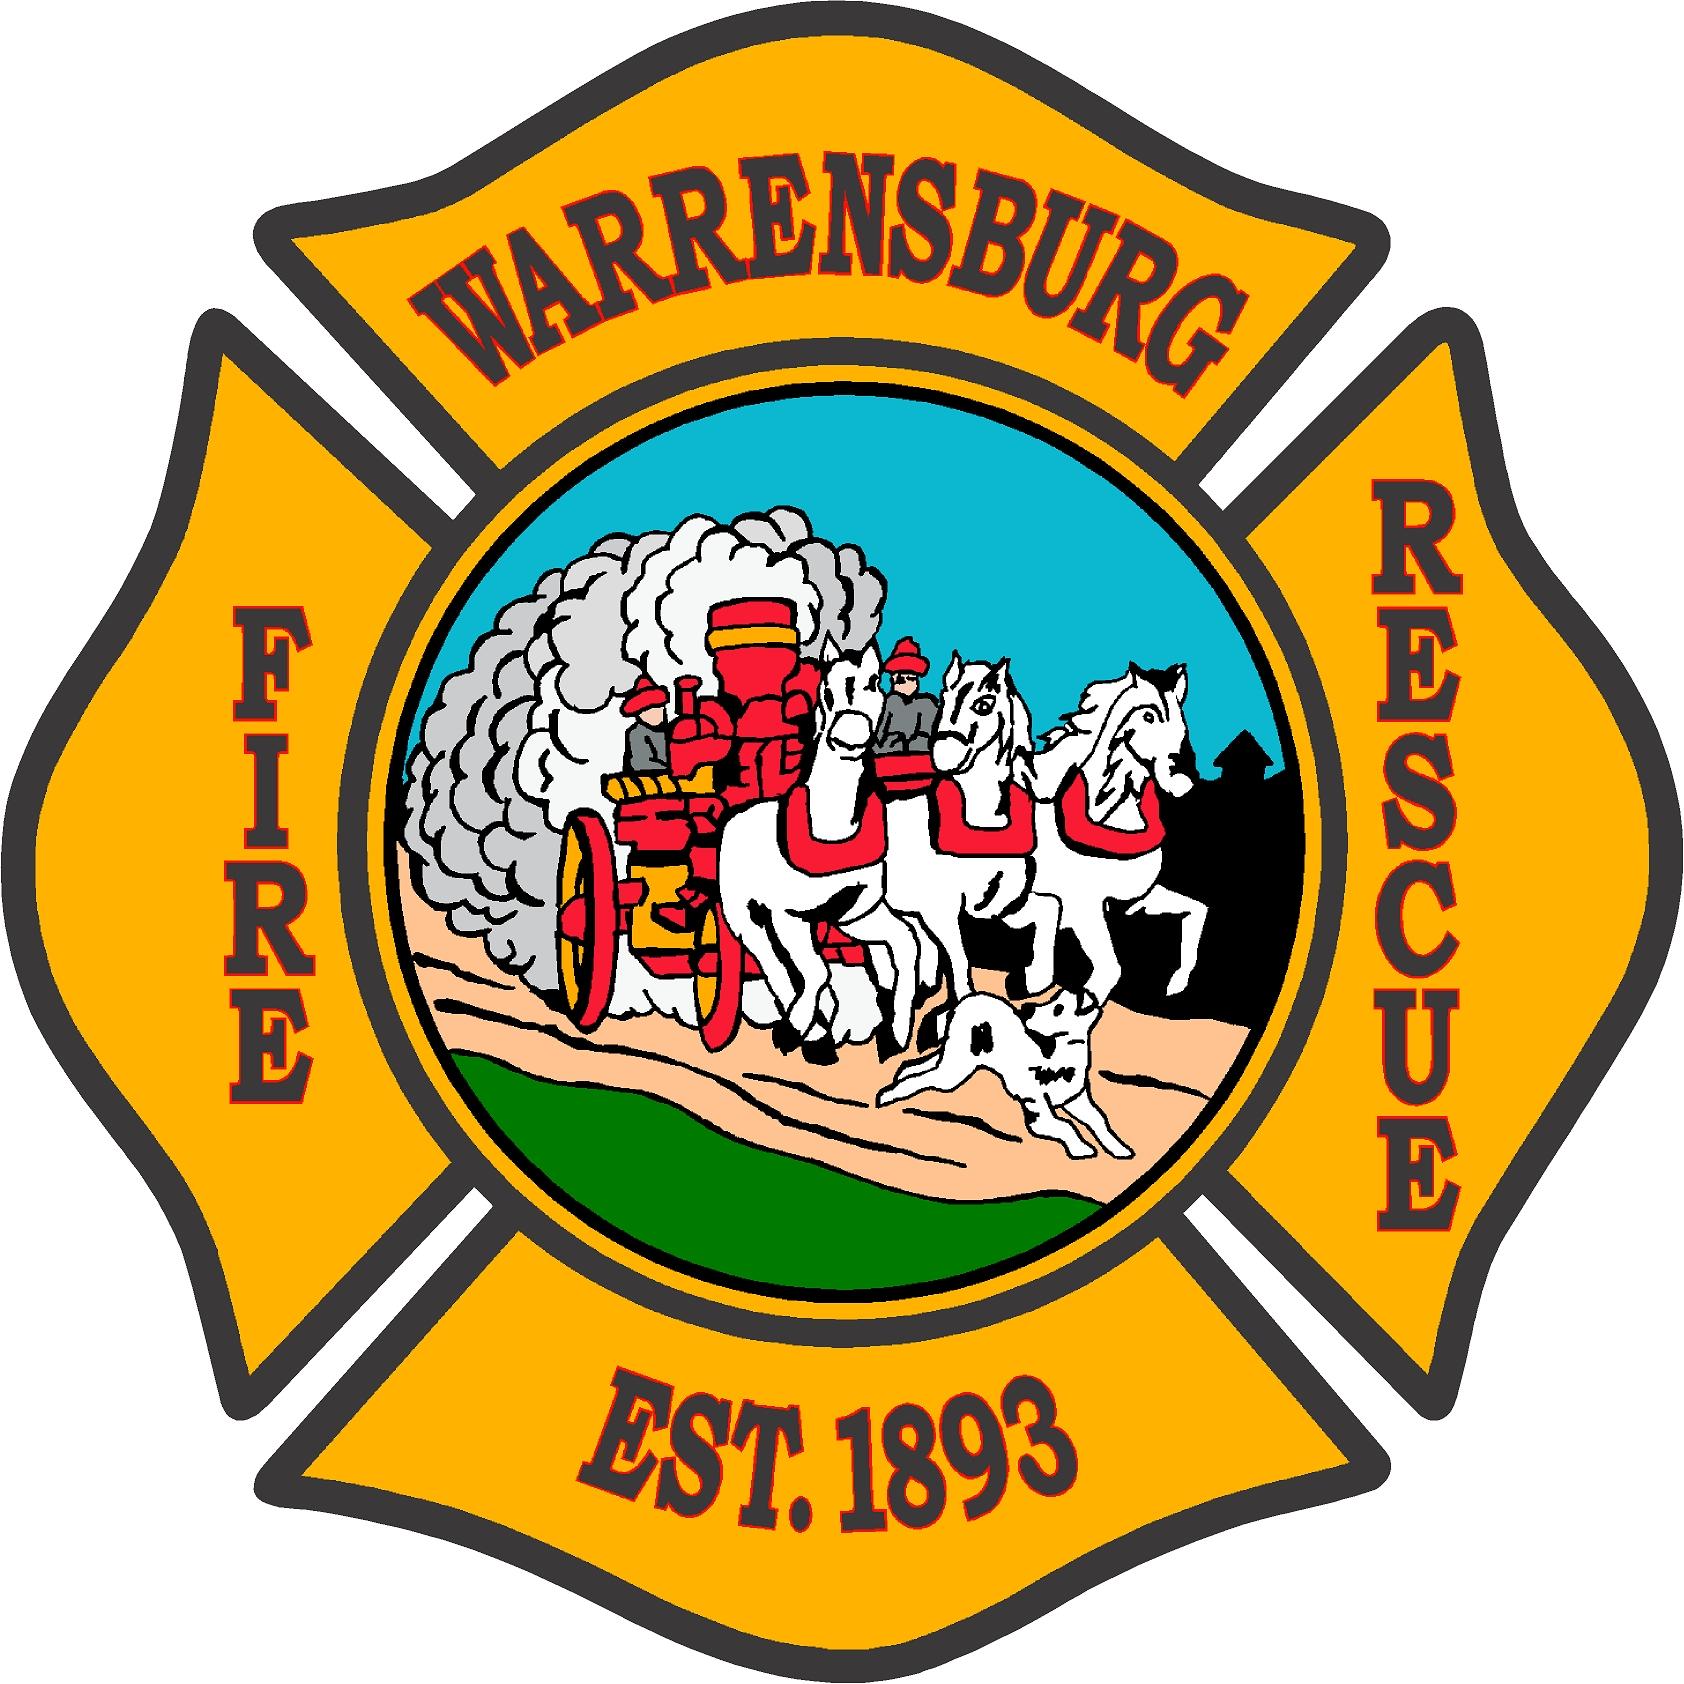 Warrensburg Fire Rescue logo w horses